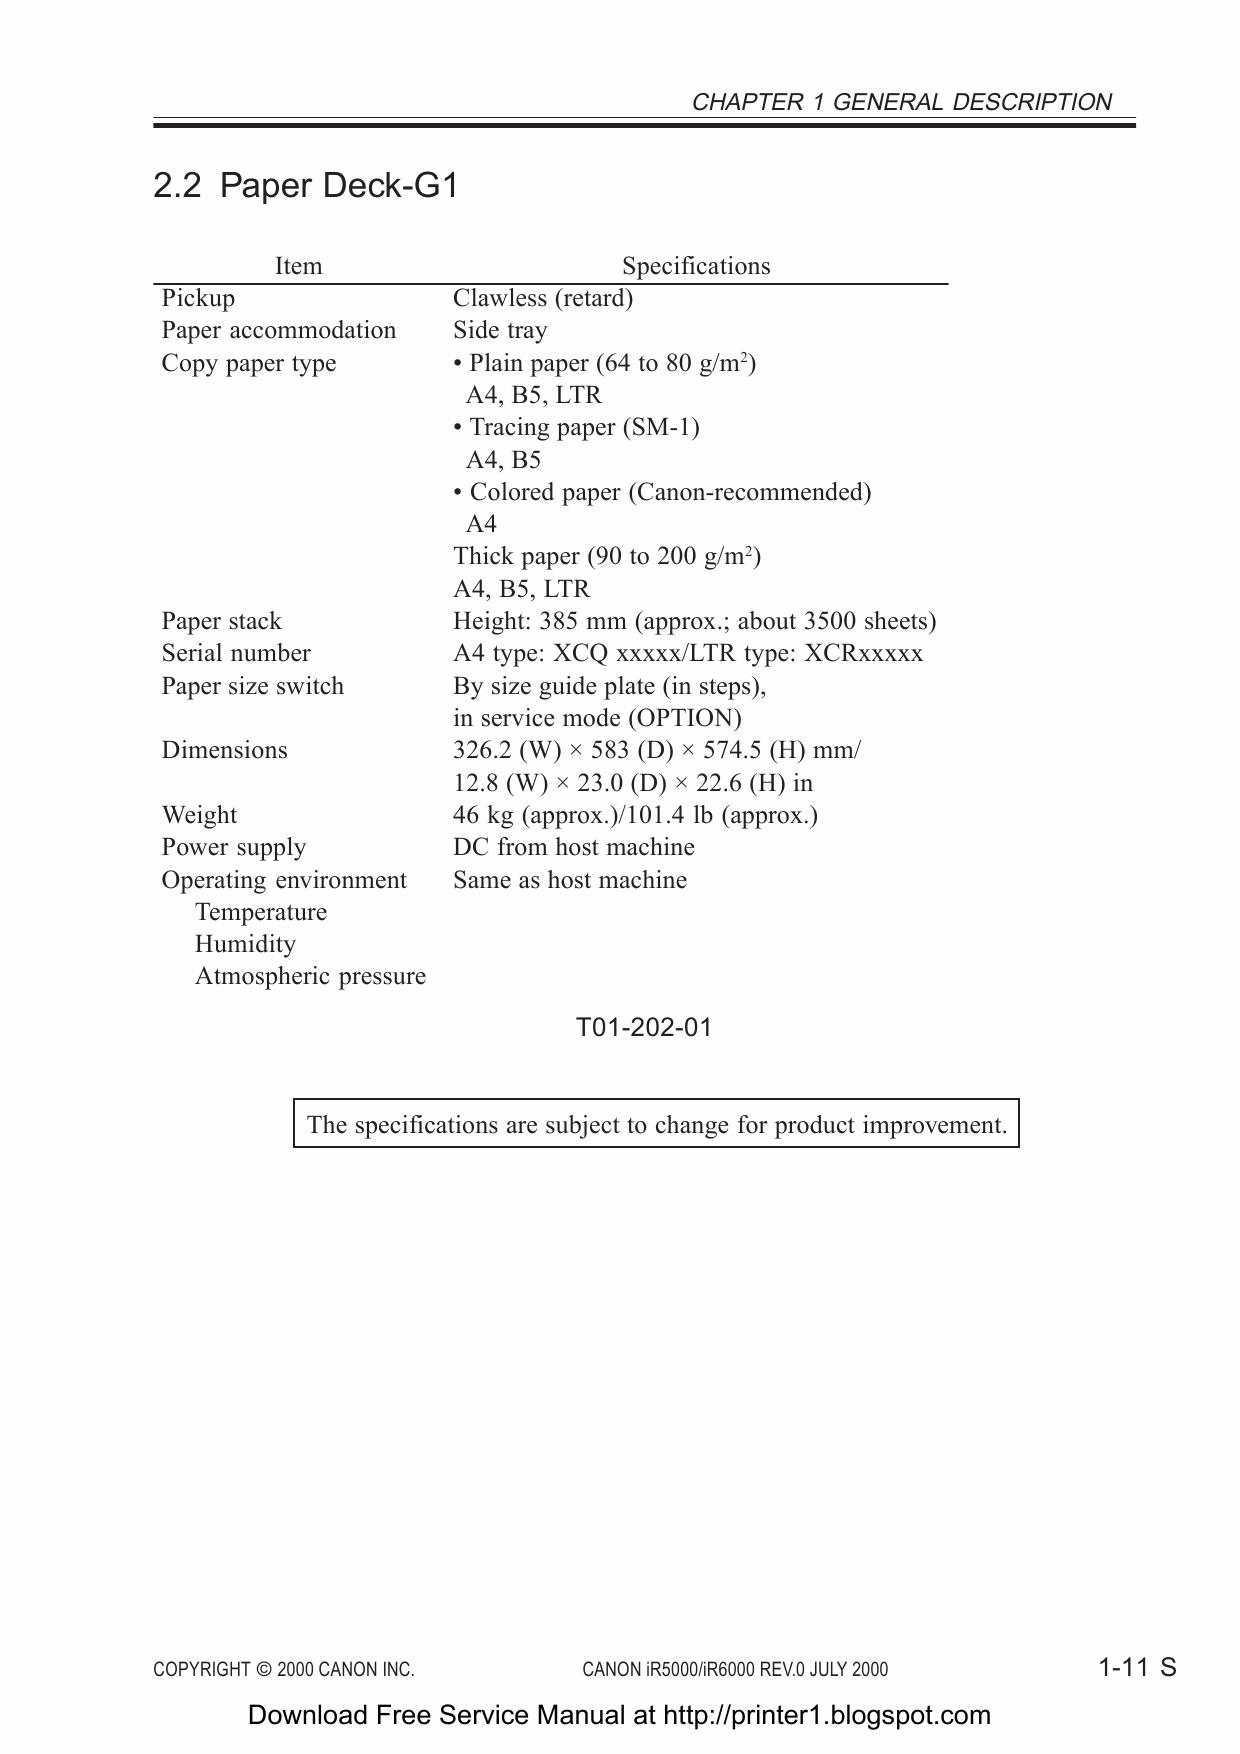 Sales Canon ImageRUNNER IR 5000 6000 Service Manual 2